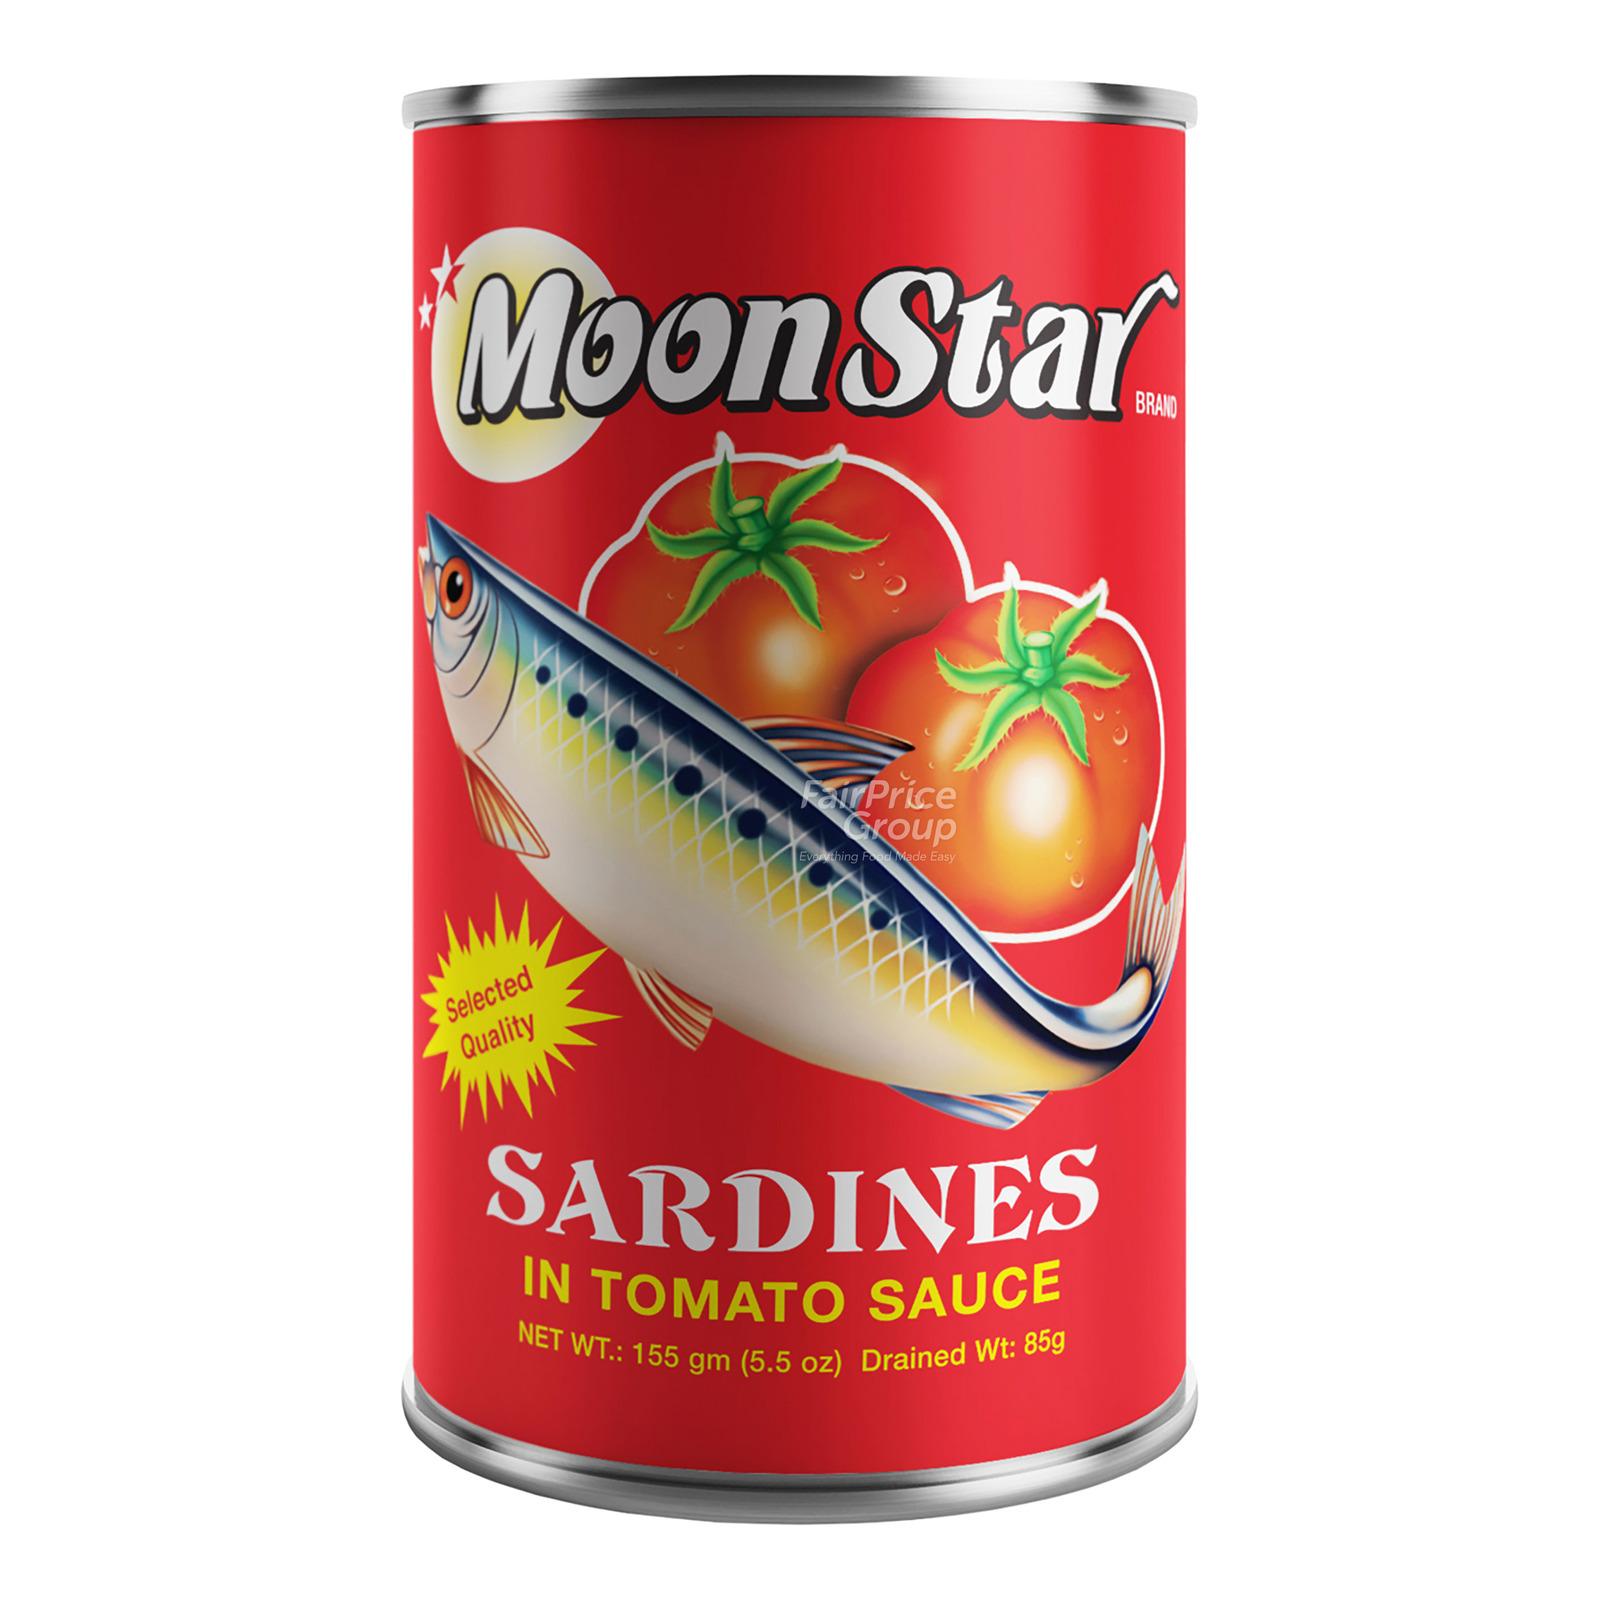 Moon Star Sardines in Tomato Sauce